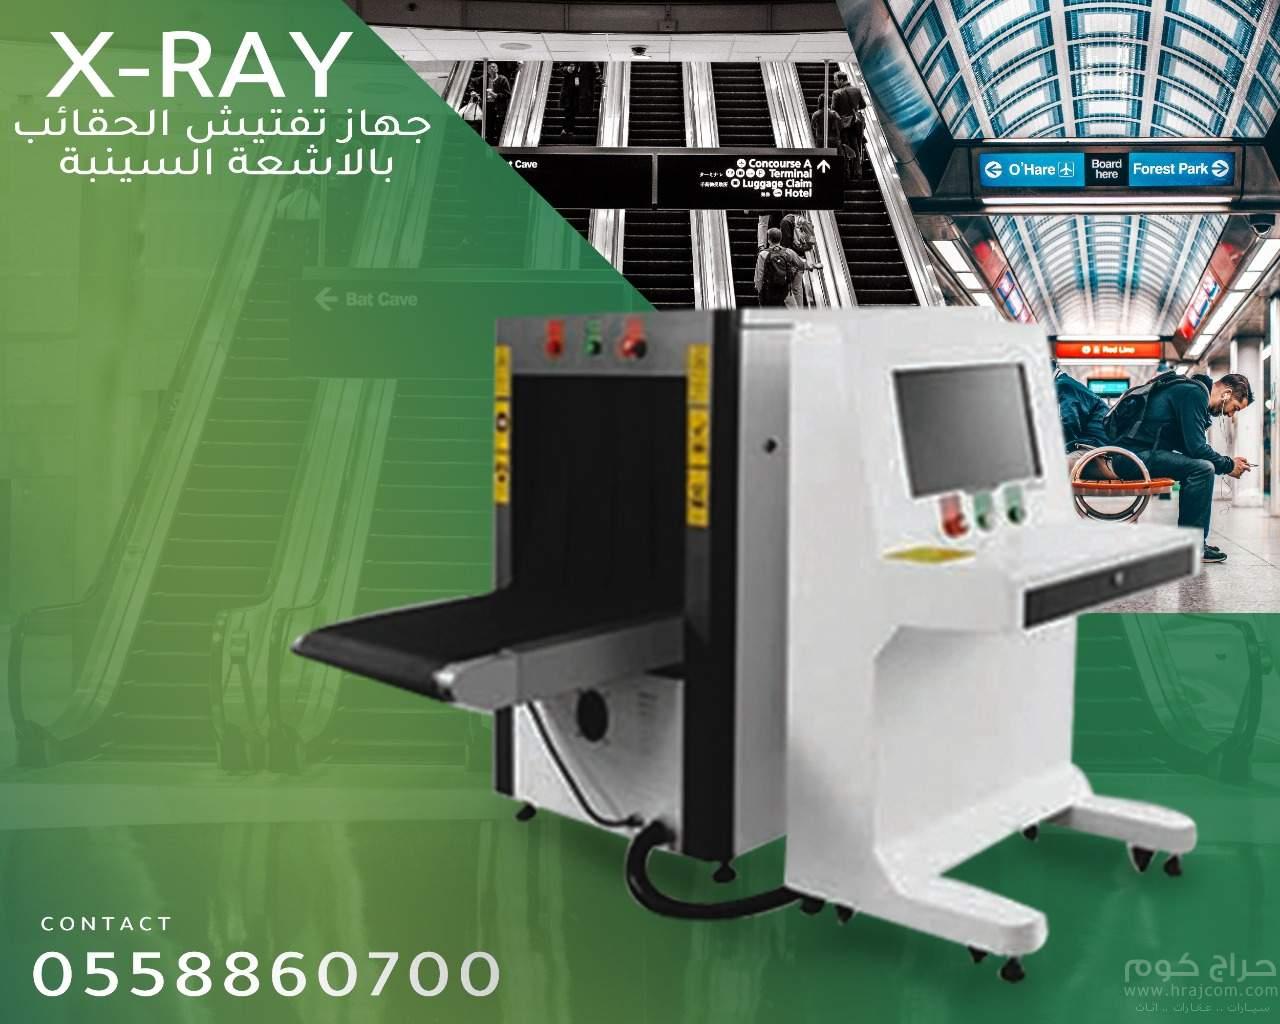 جهاز الكشف عن المواد الخطرة  X-RAy